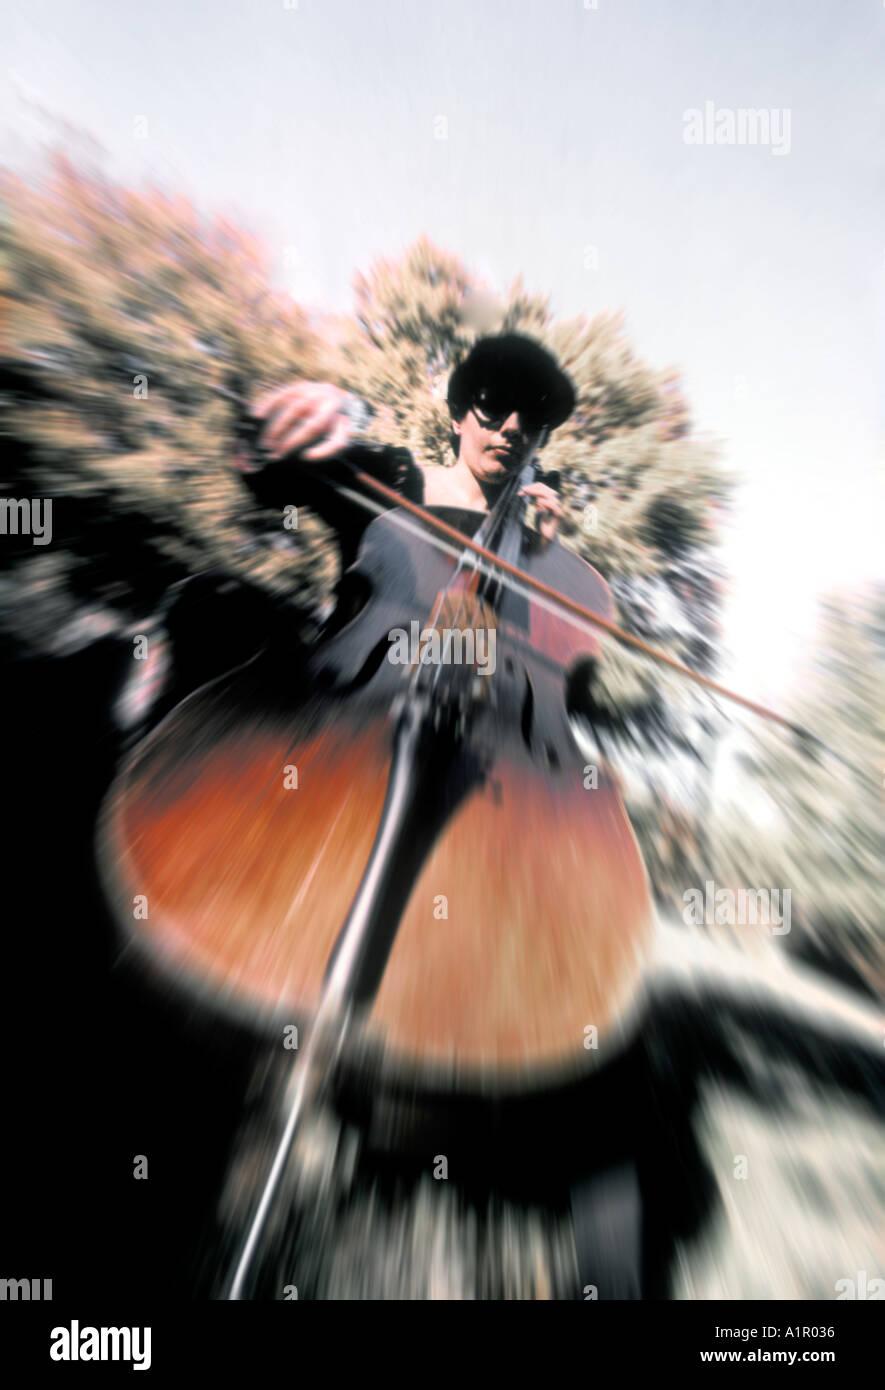 Musica donna violoncello Immagini Stock